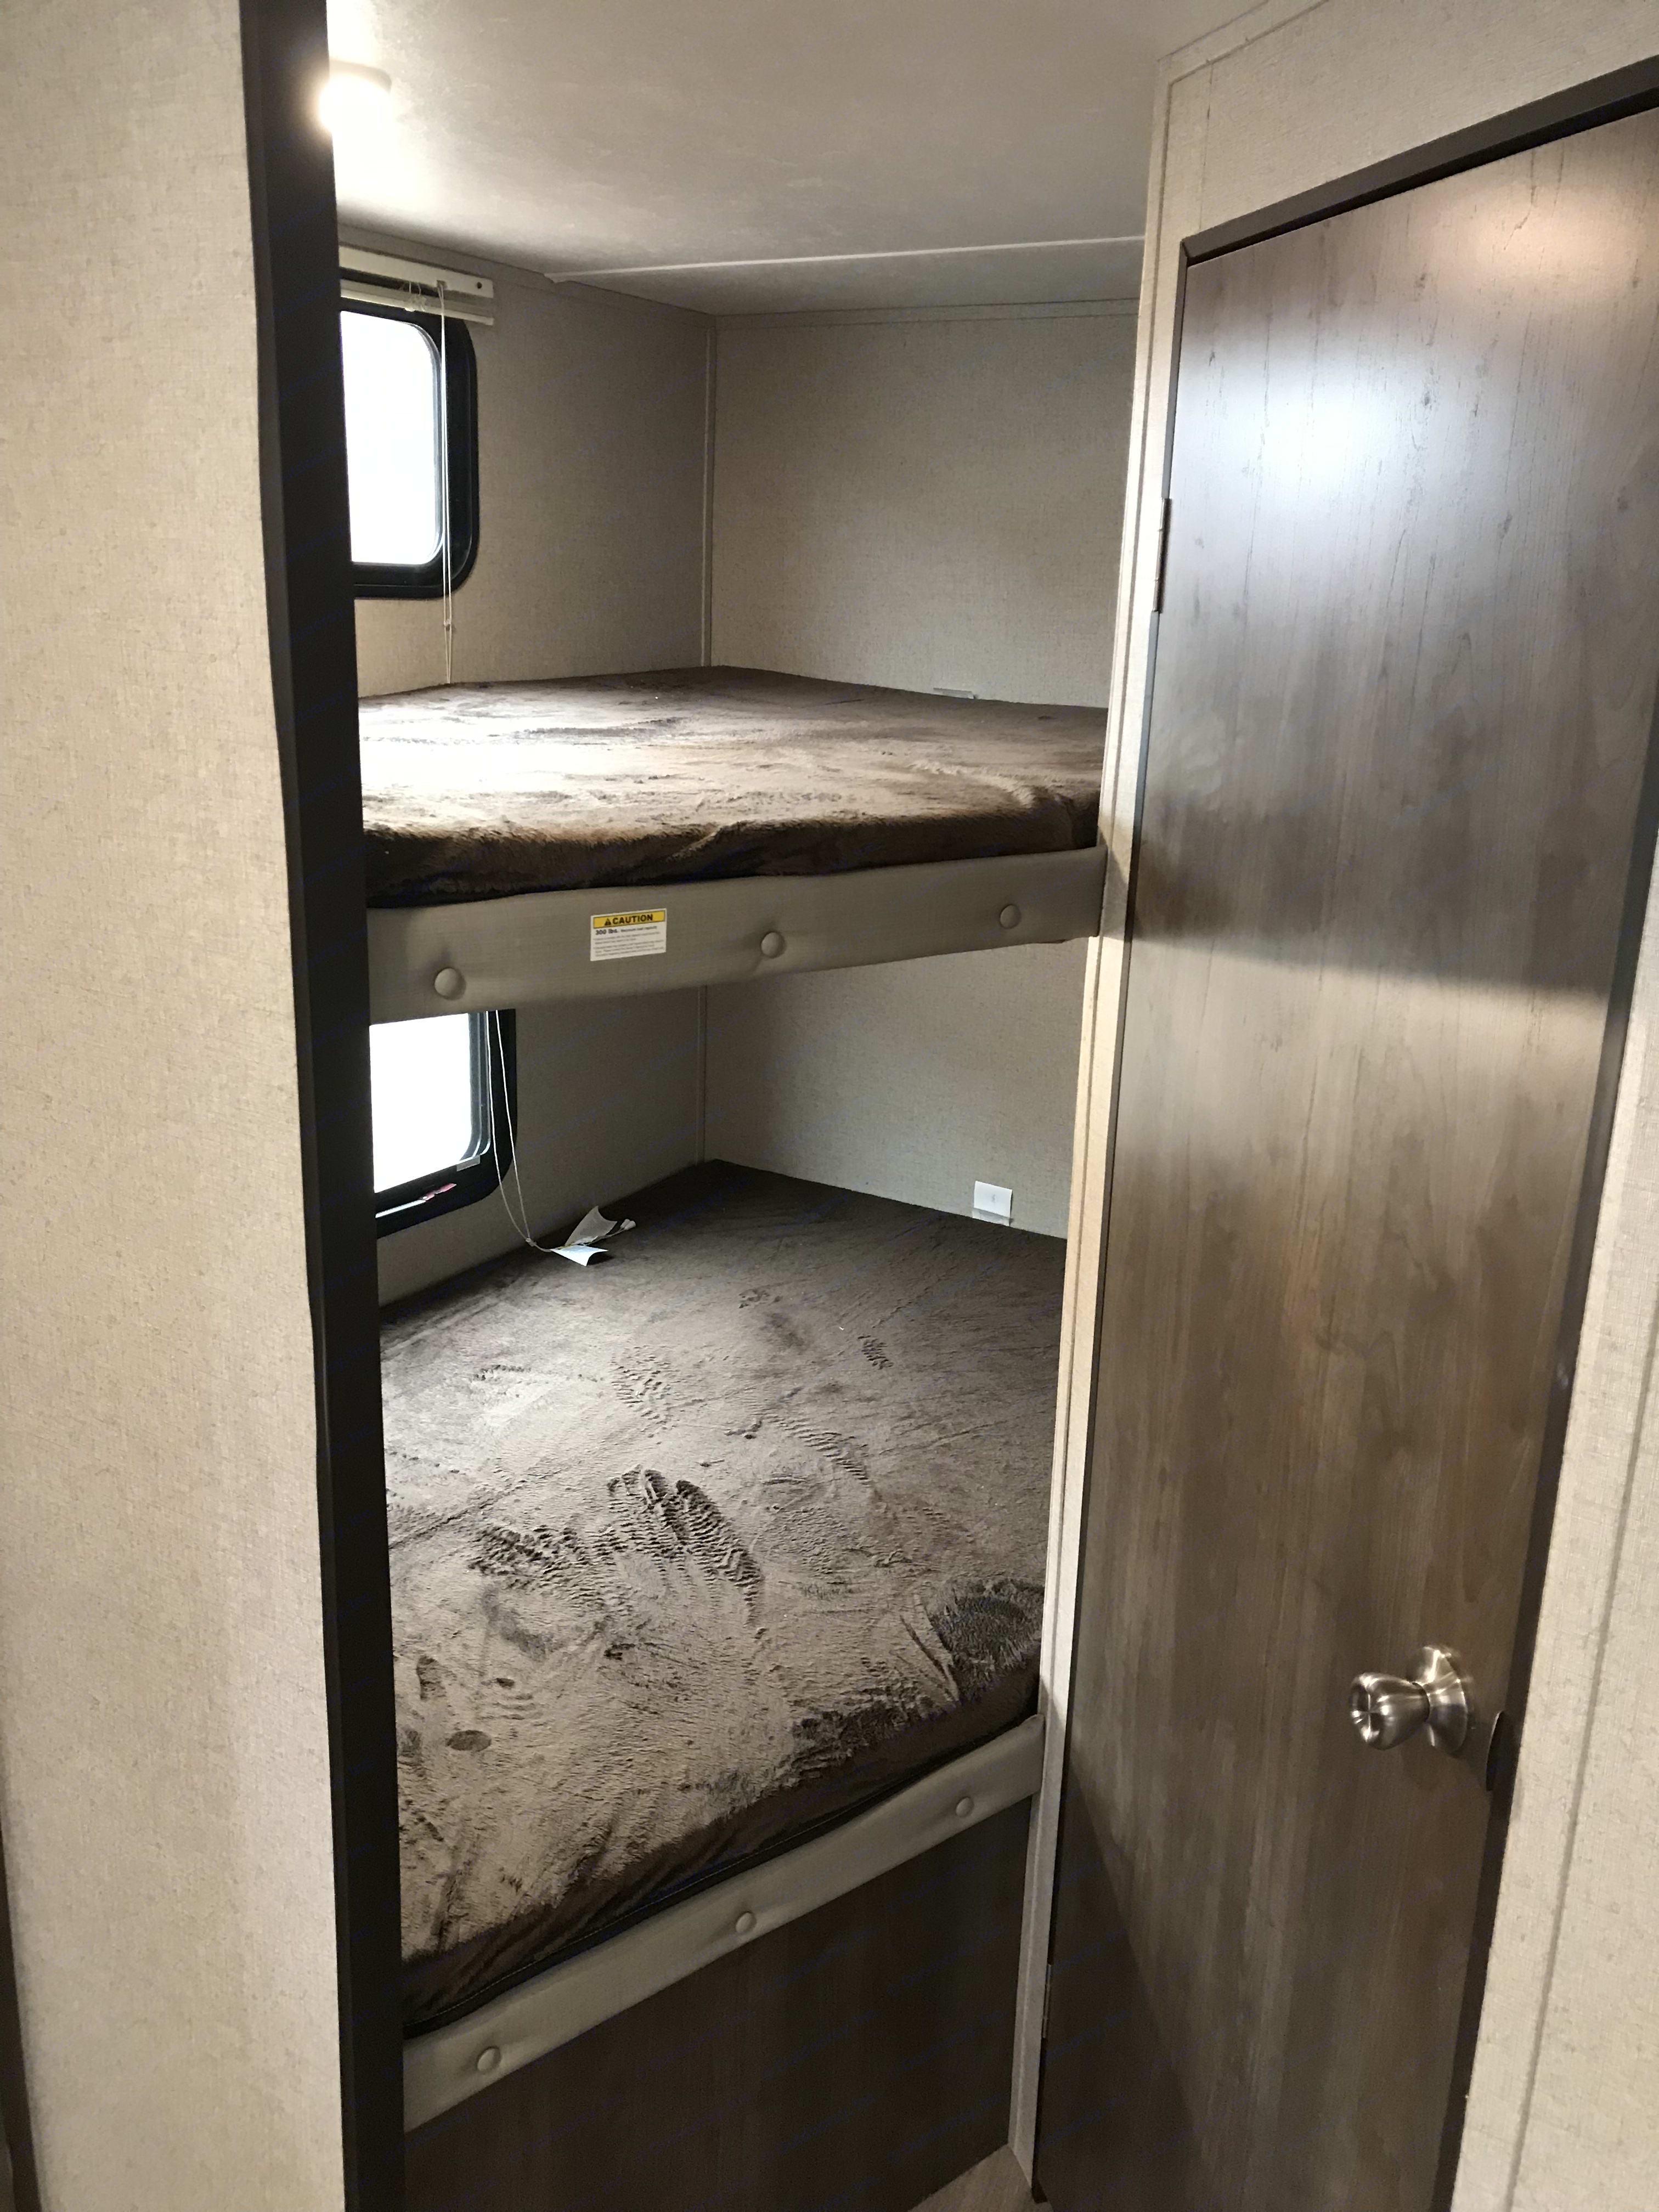 Bunk beds . Coleman 262 BHWE 2019